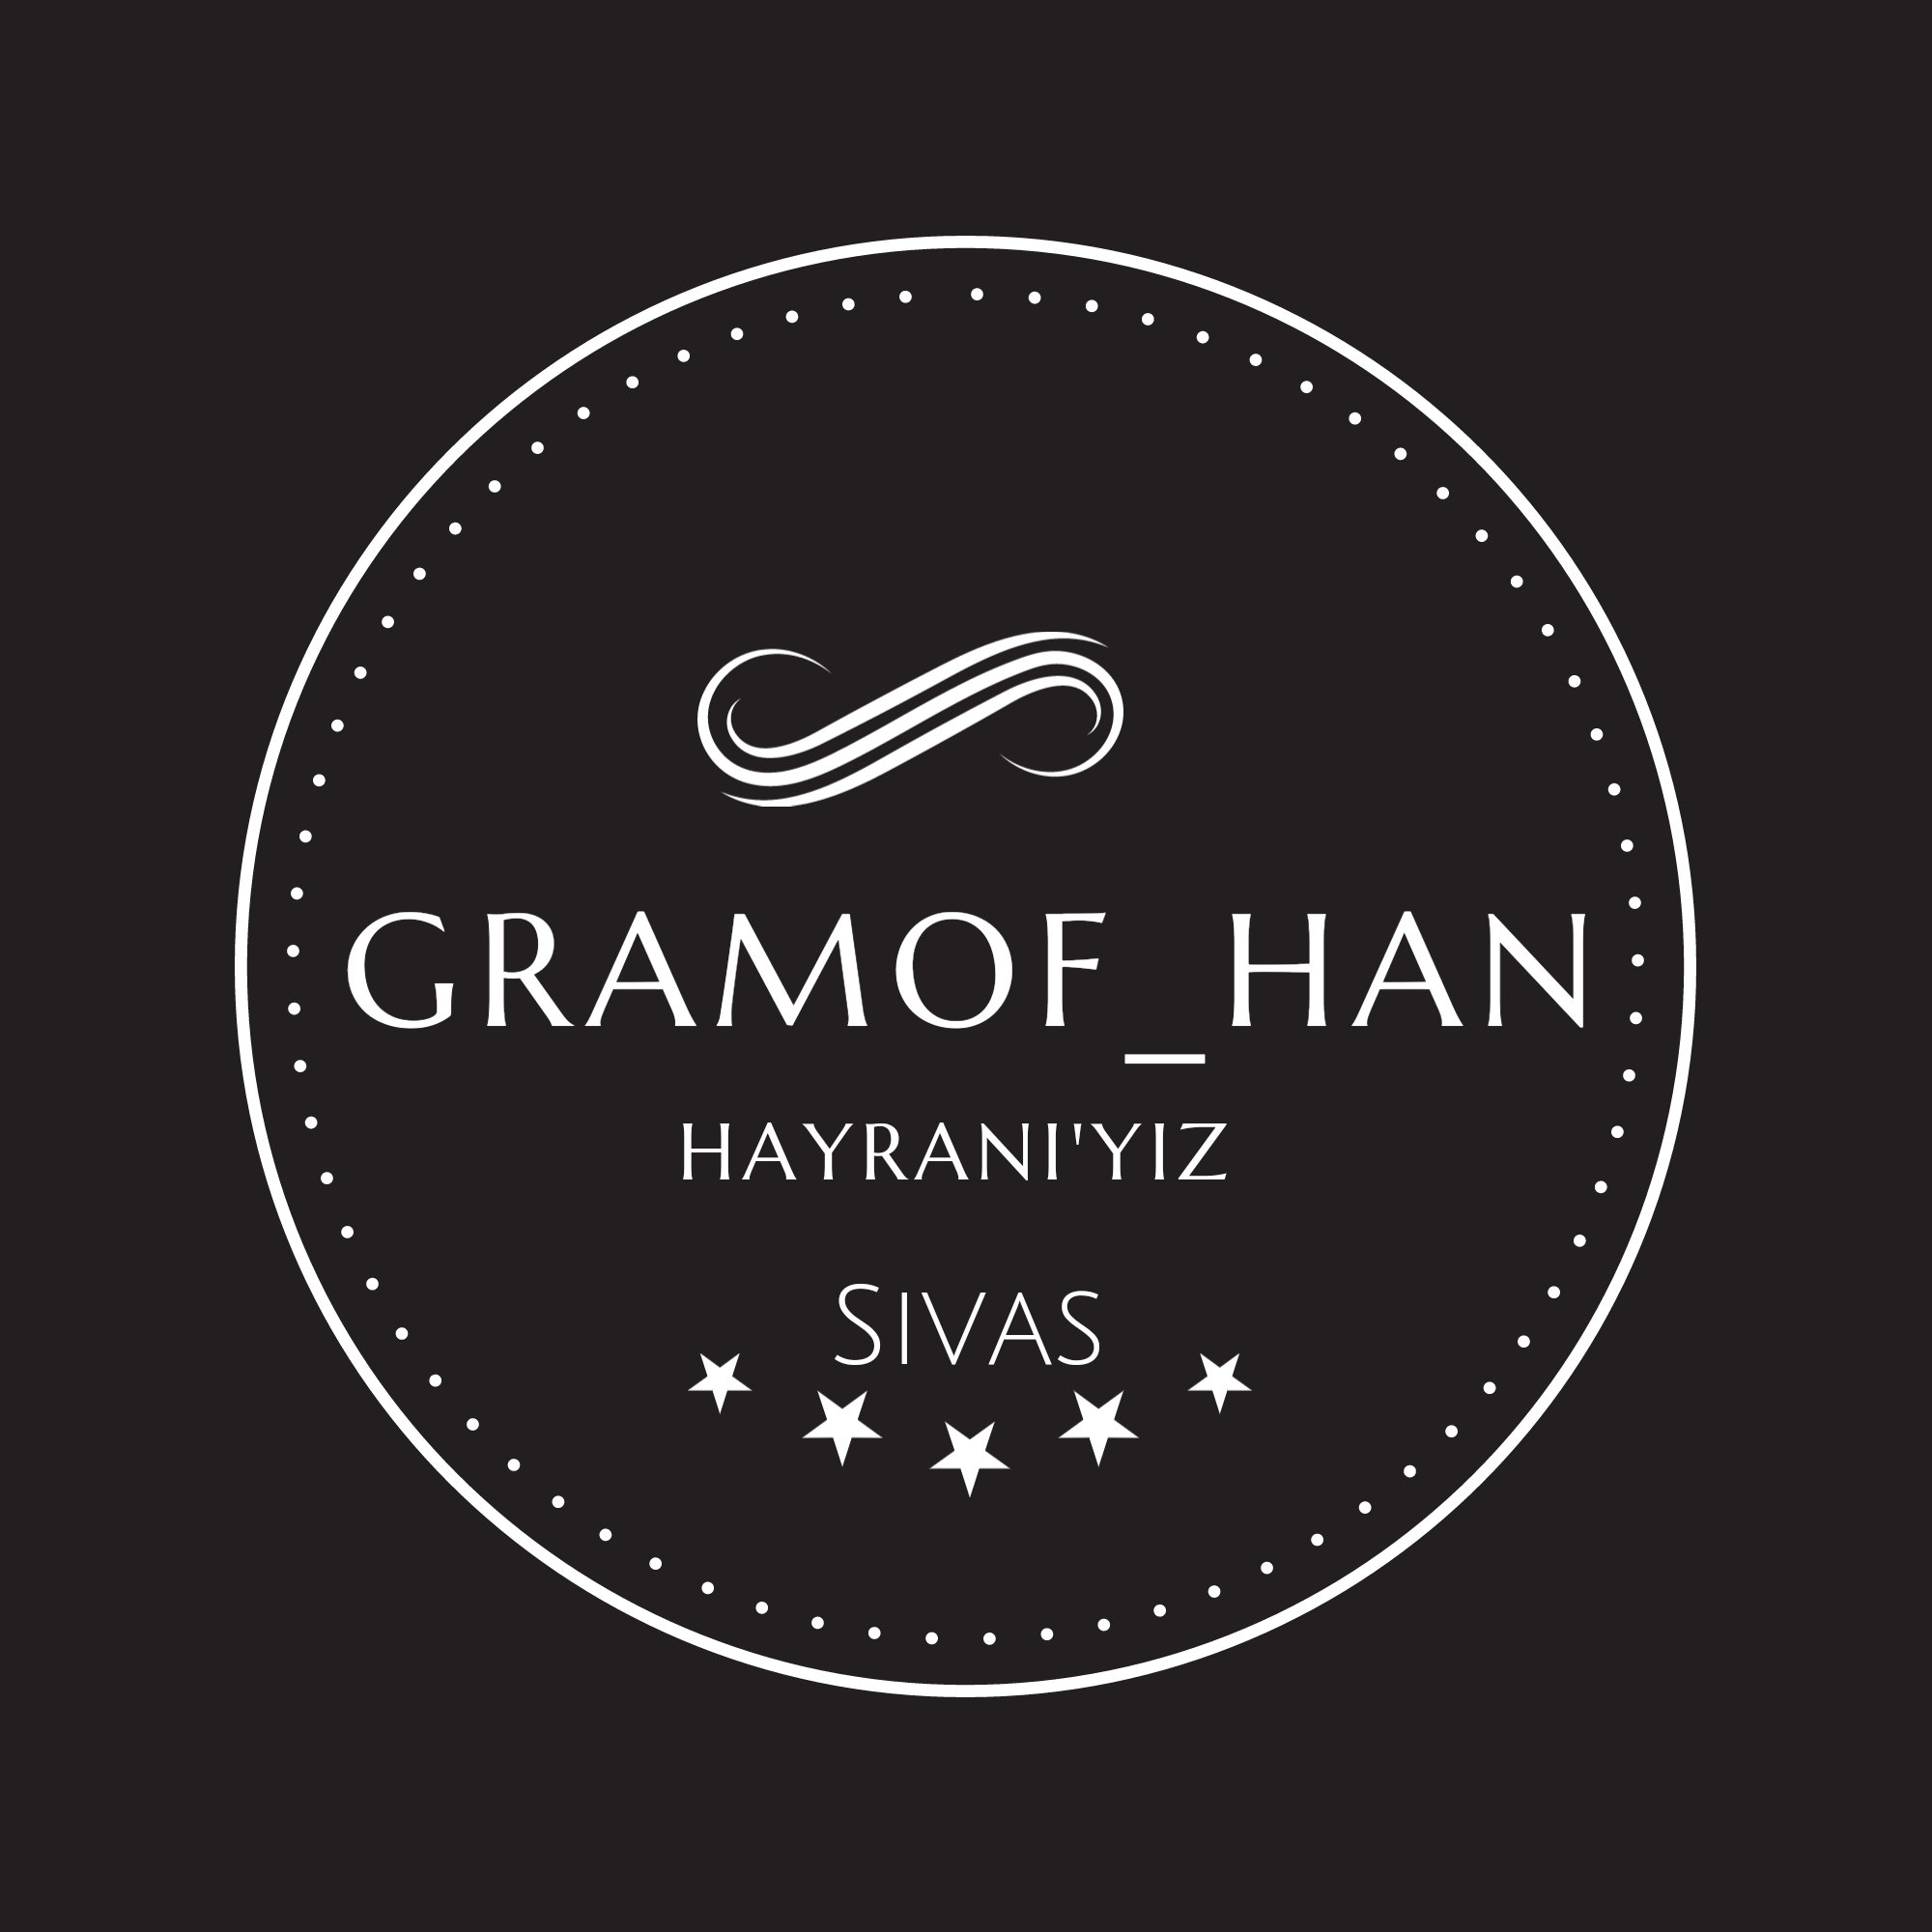 Gramof_Han